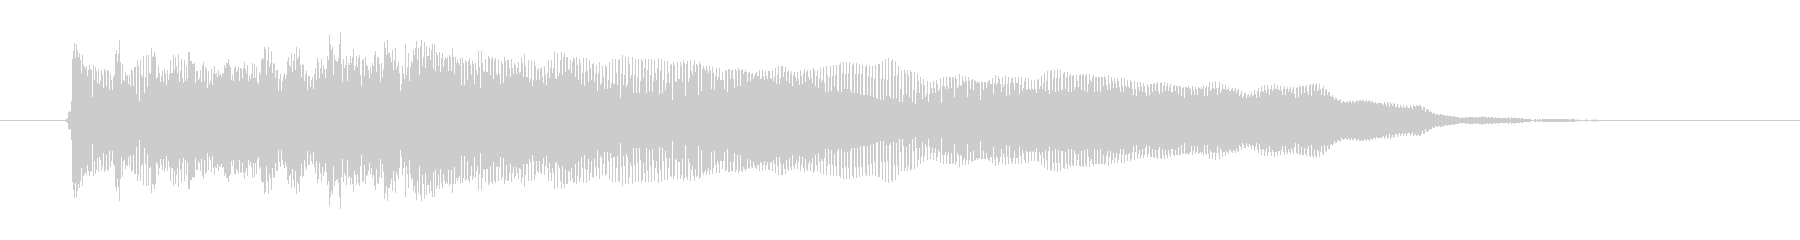 重低音ギターロックサウンド(ジングル)の未再生の波形